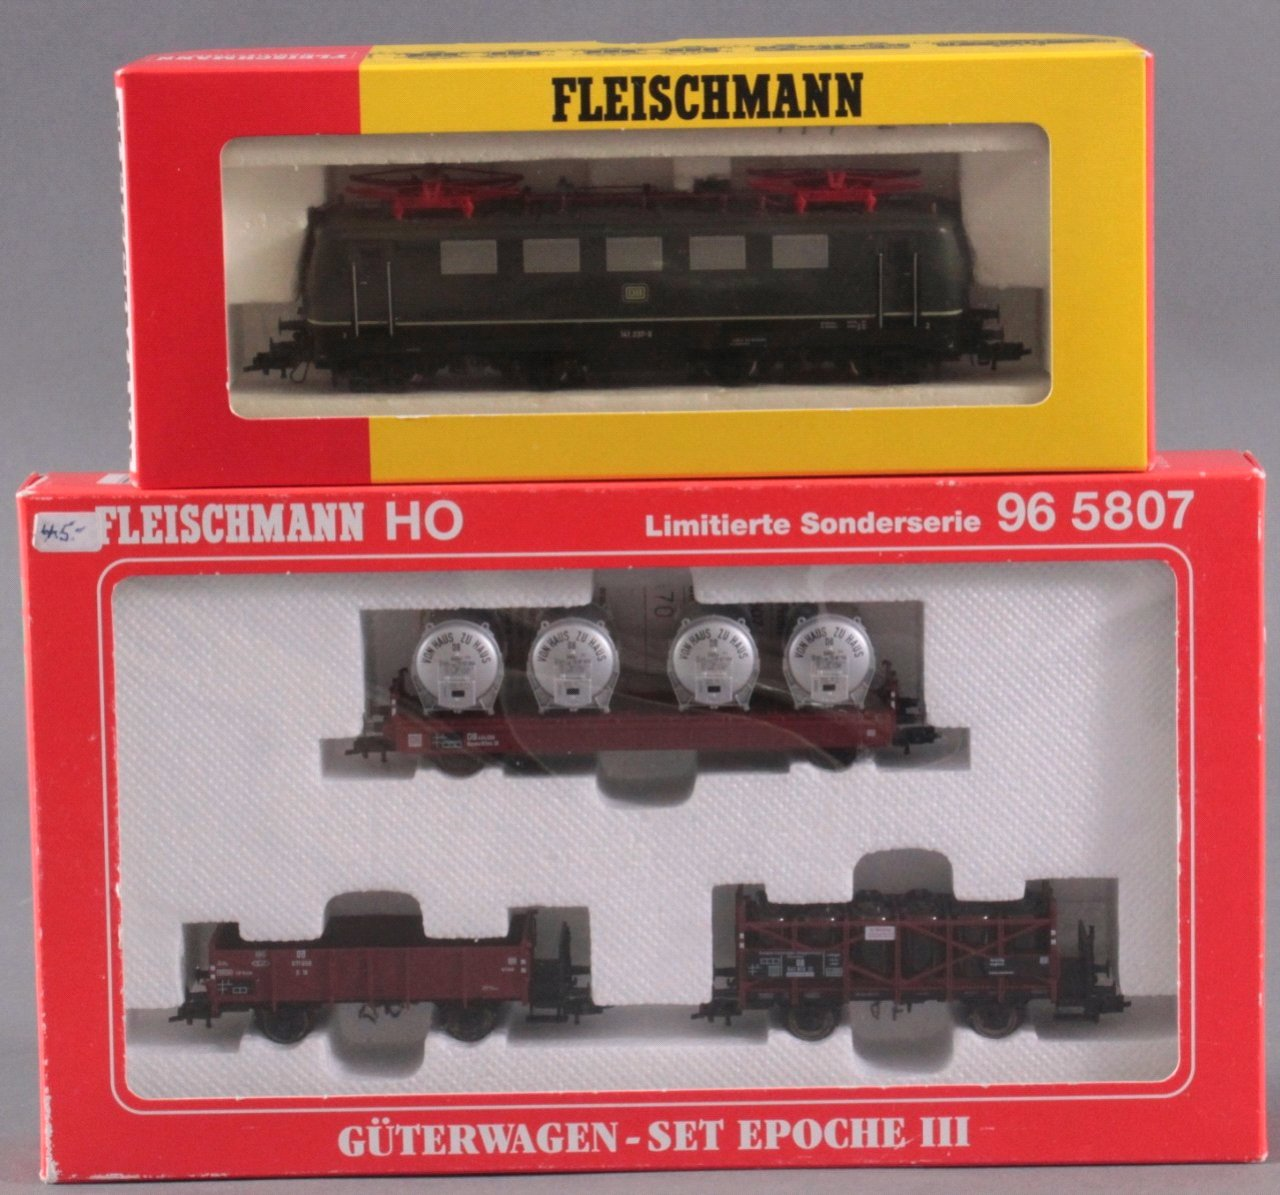 Fleischmann E-Lok mit Güterwagen-Set, Spur H0-3